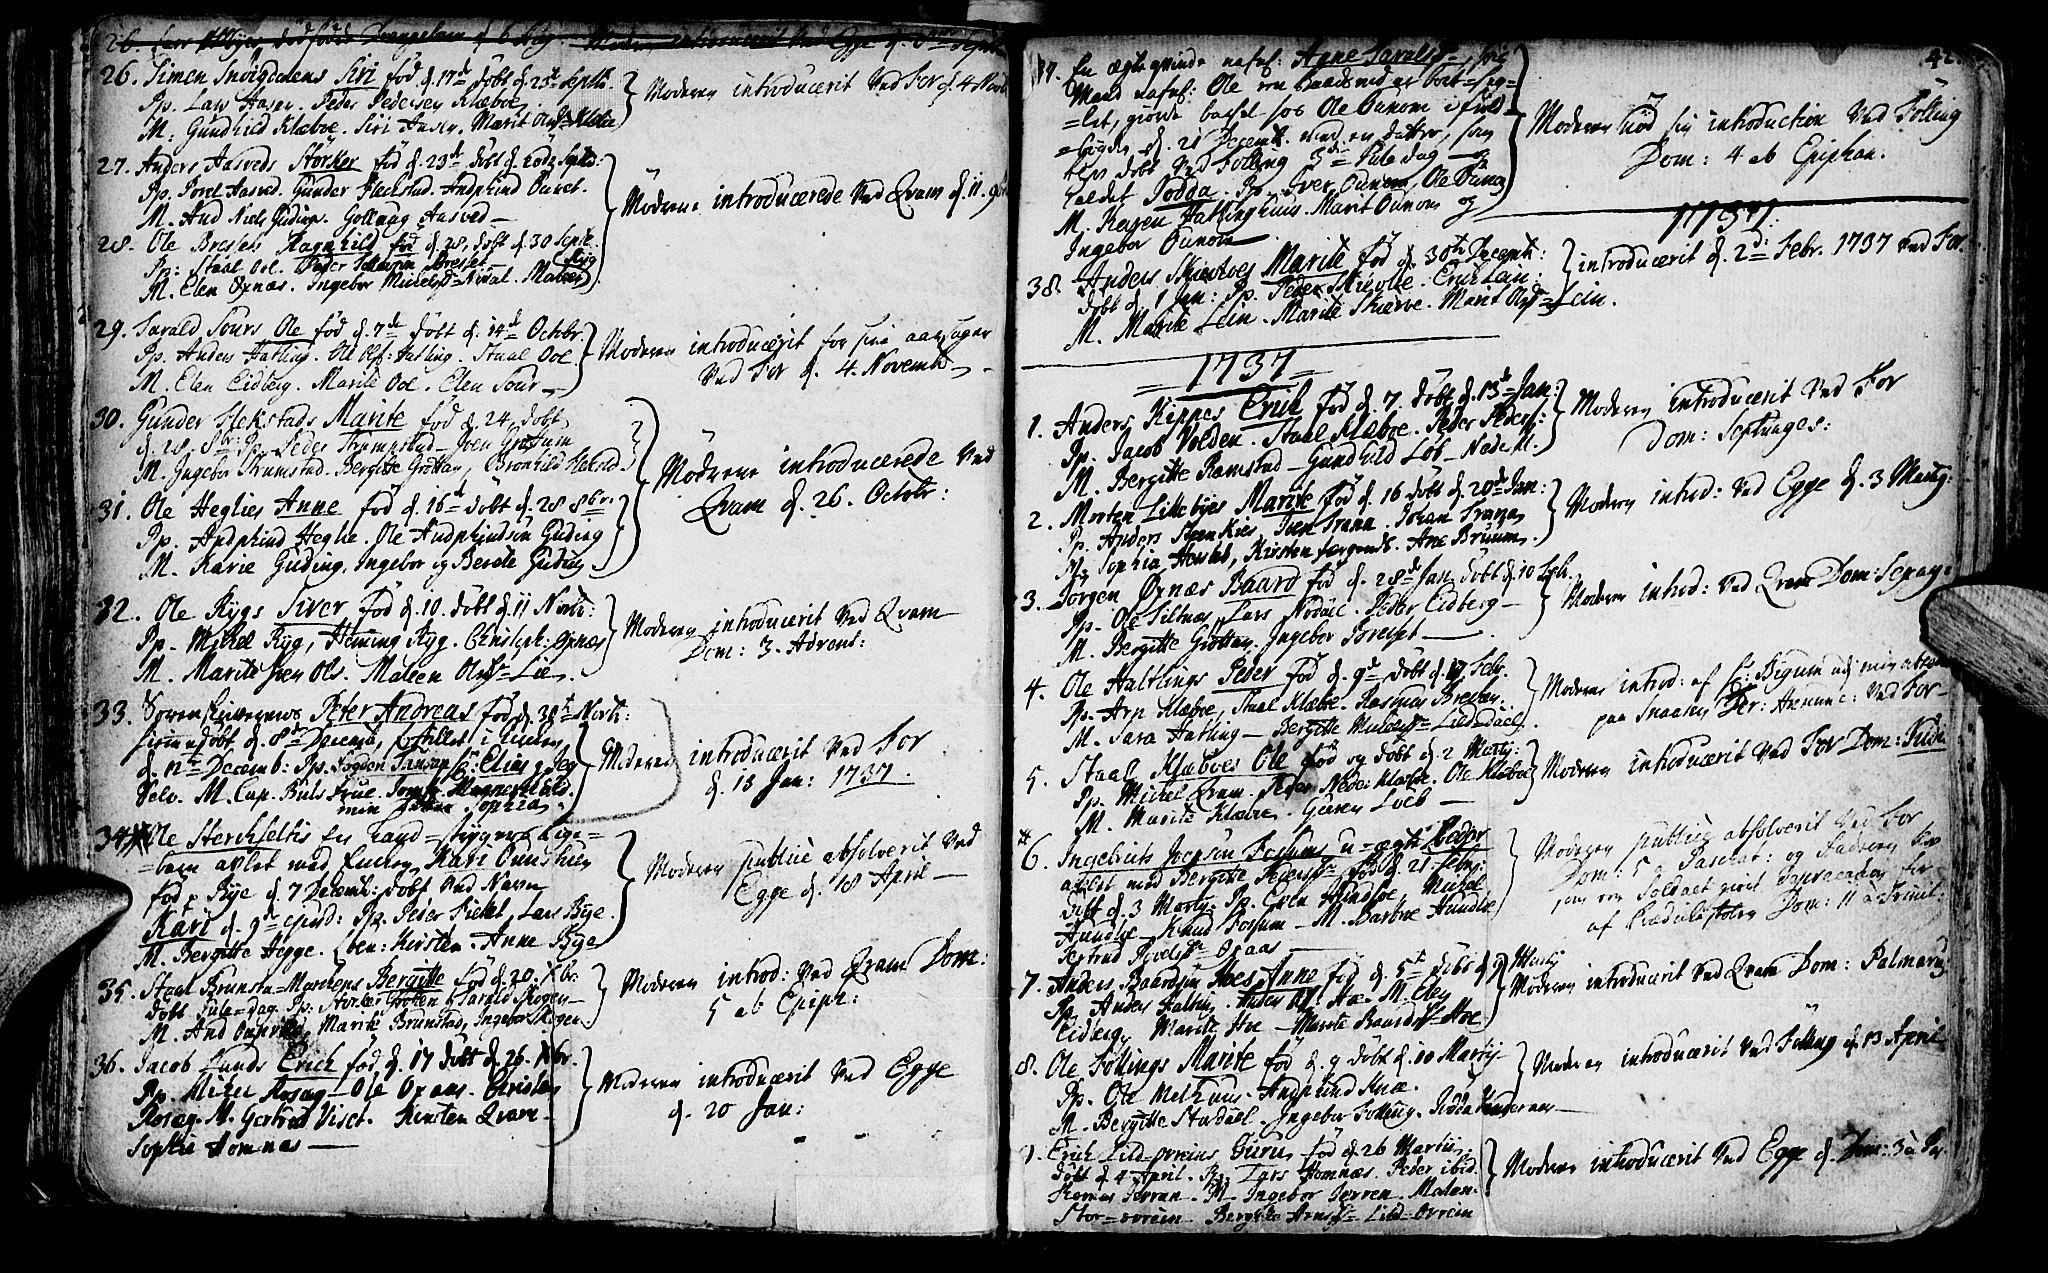 SAT, Ministerialprotokoller, klokkerbøker og fødselsregistre - Nord-Trøndelag, 746/L0439: Ministerialbok nr. 746A01, 1688-1759, s. 42